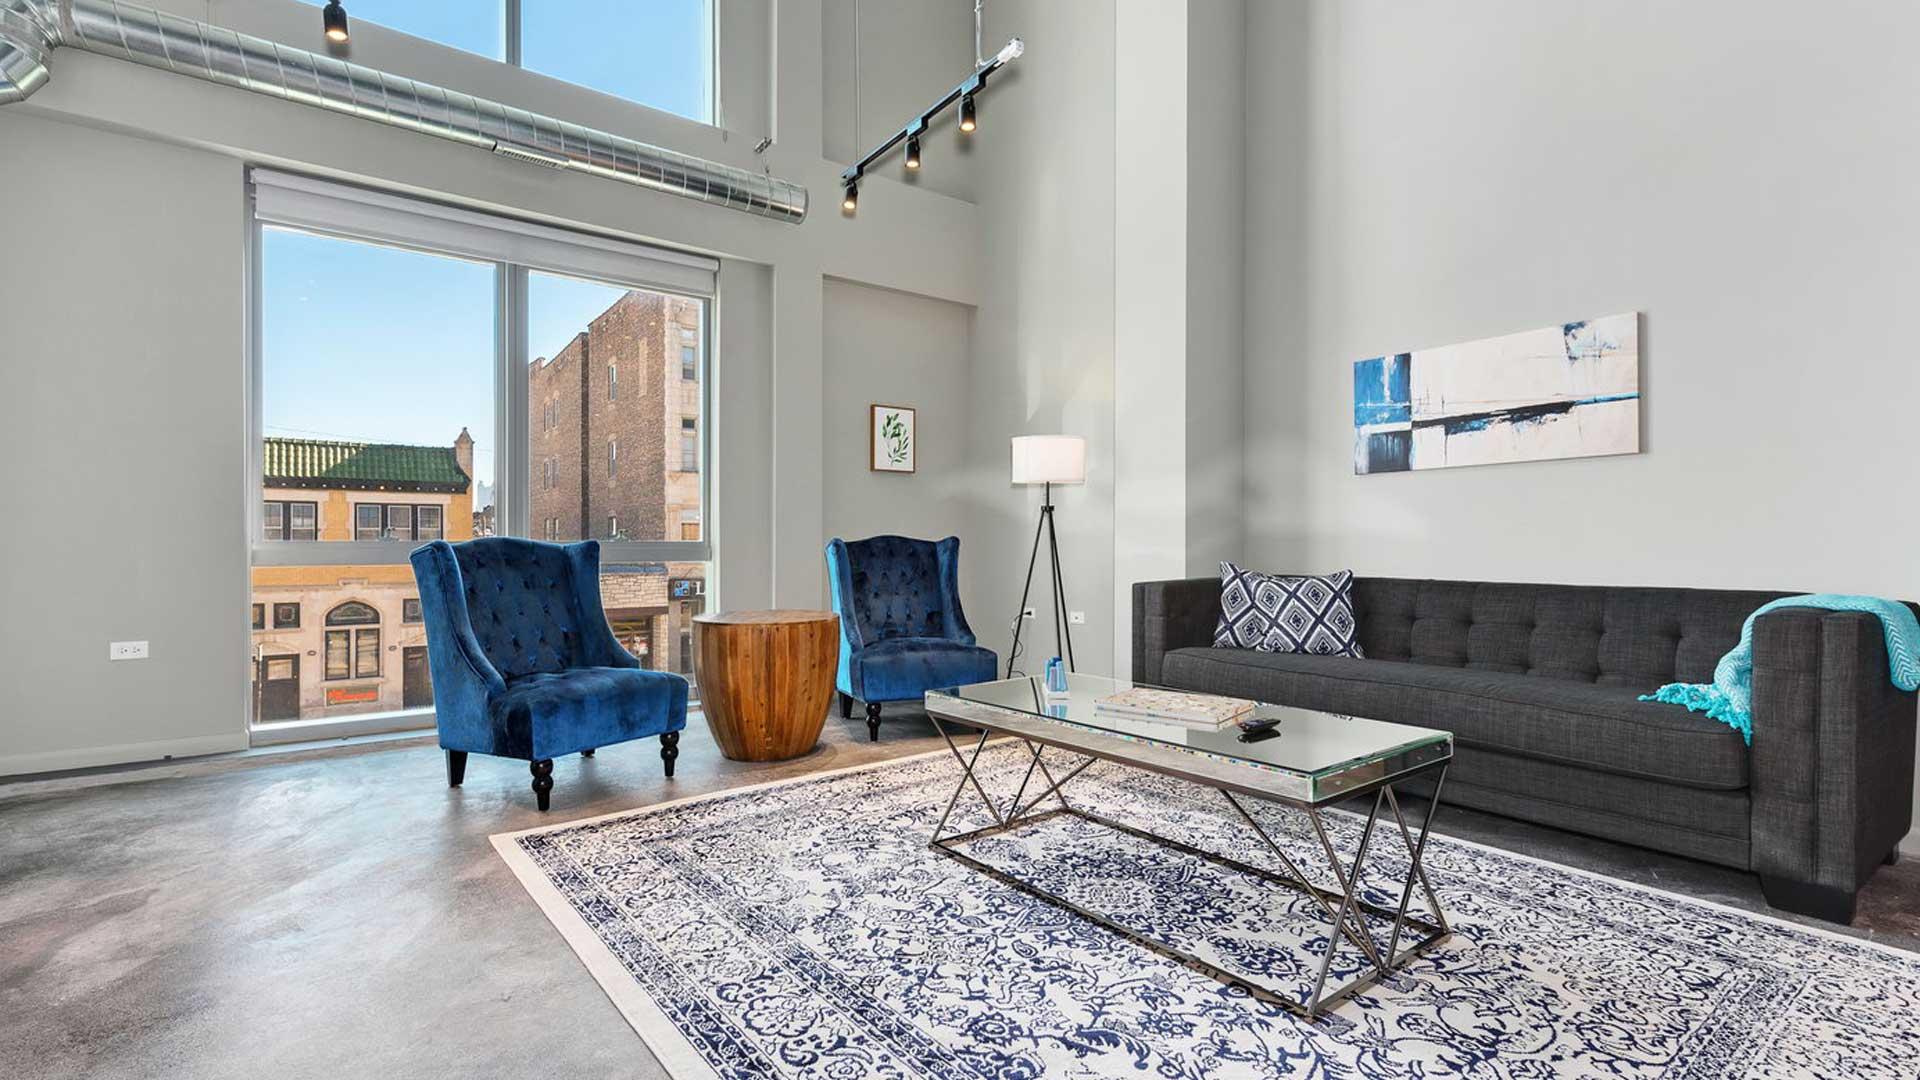 Furniture Rental Phoenix: Rent Furniture in Phoenix